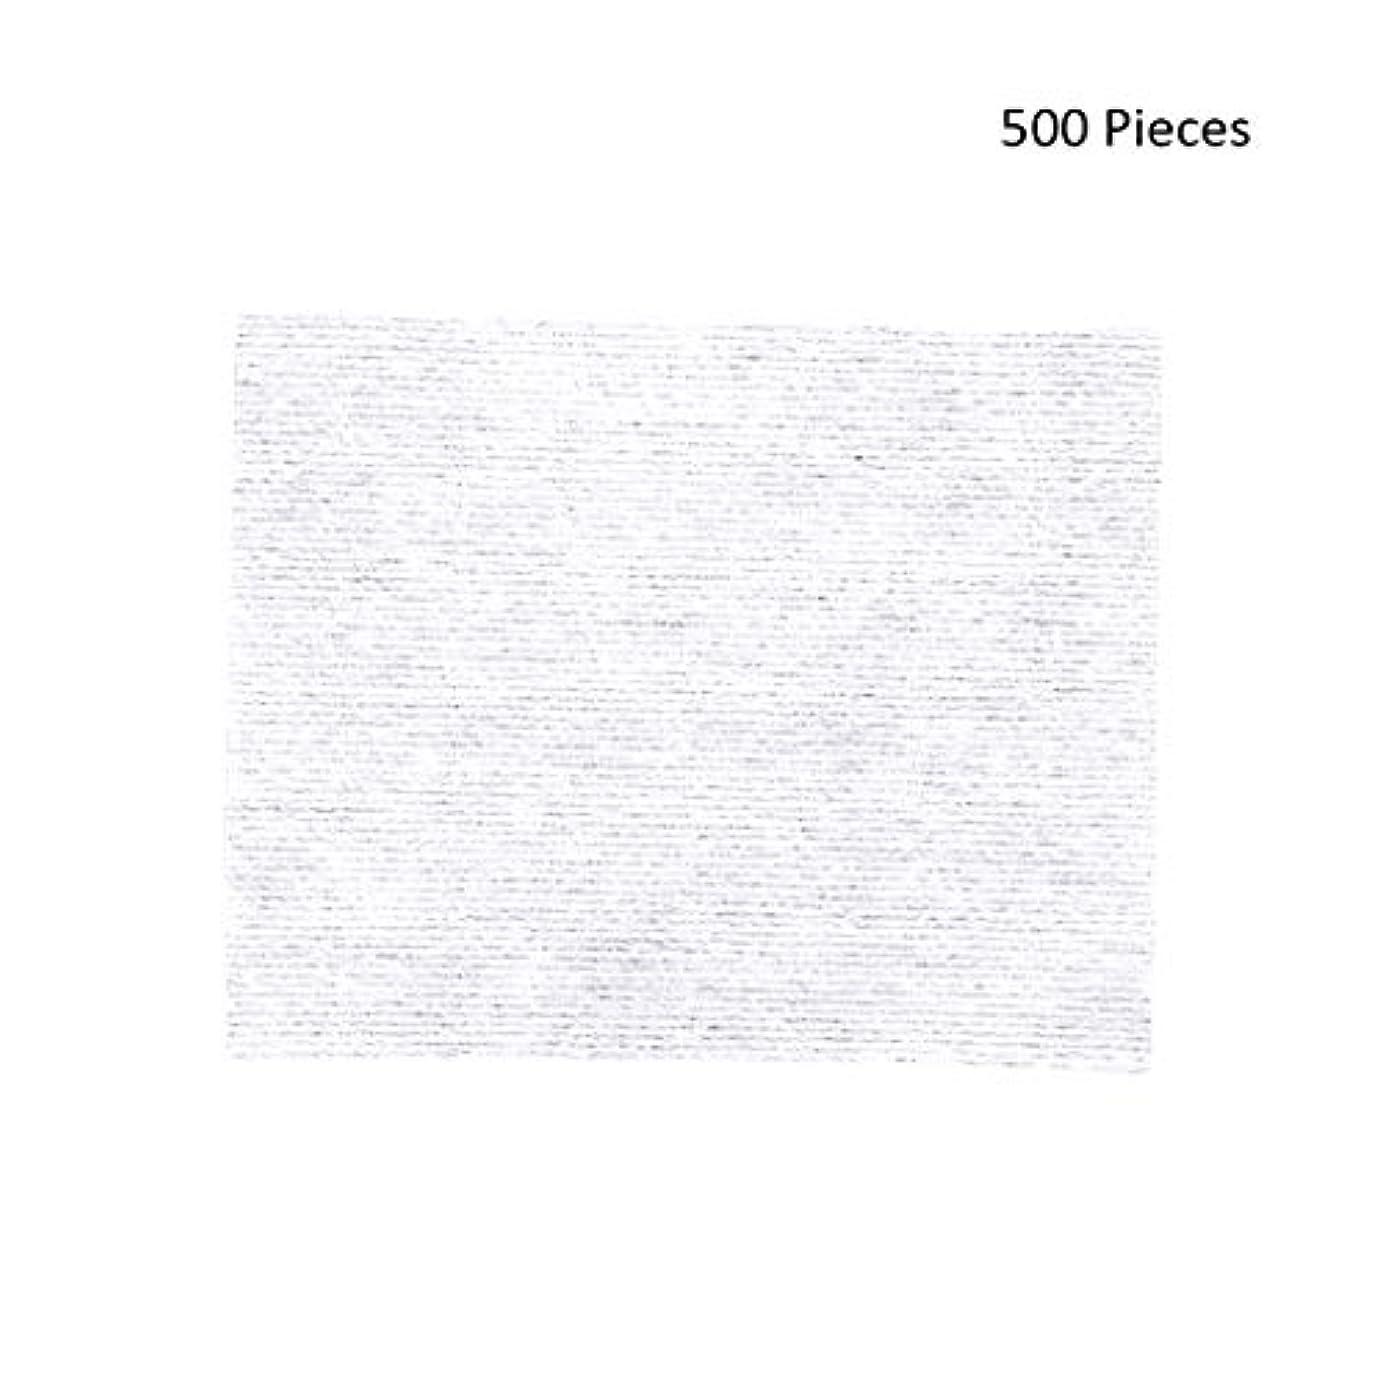 微弱部どこにでも化粧パッド 500ピース化粧拭きコットンパッドメイク落としパッドソフトパッド化粧品フェイスマスククレンジングケアフェイシャルナプキンコットン メイク落とし化粧パッド (Color : White, サイズ : 6*5cm)